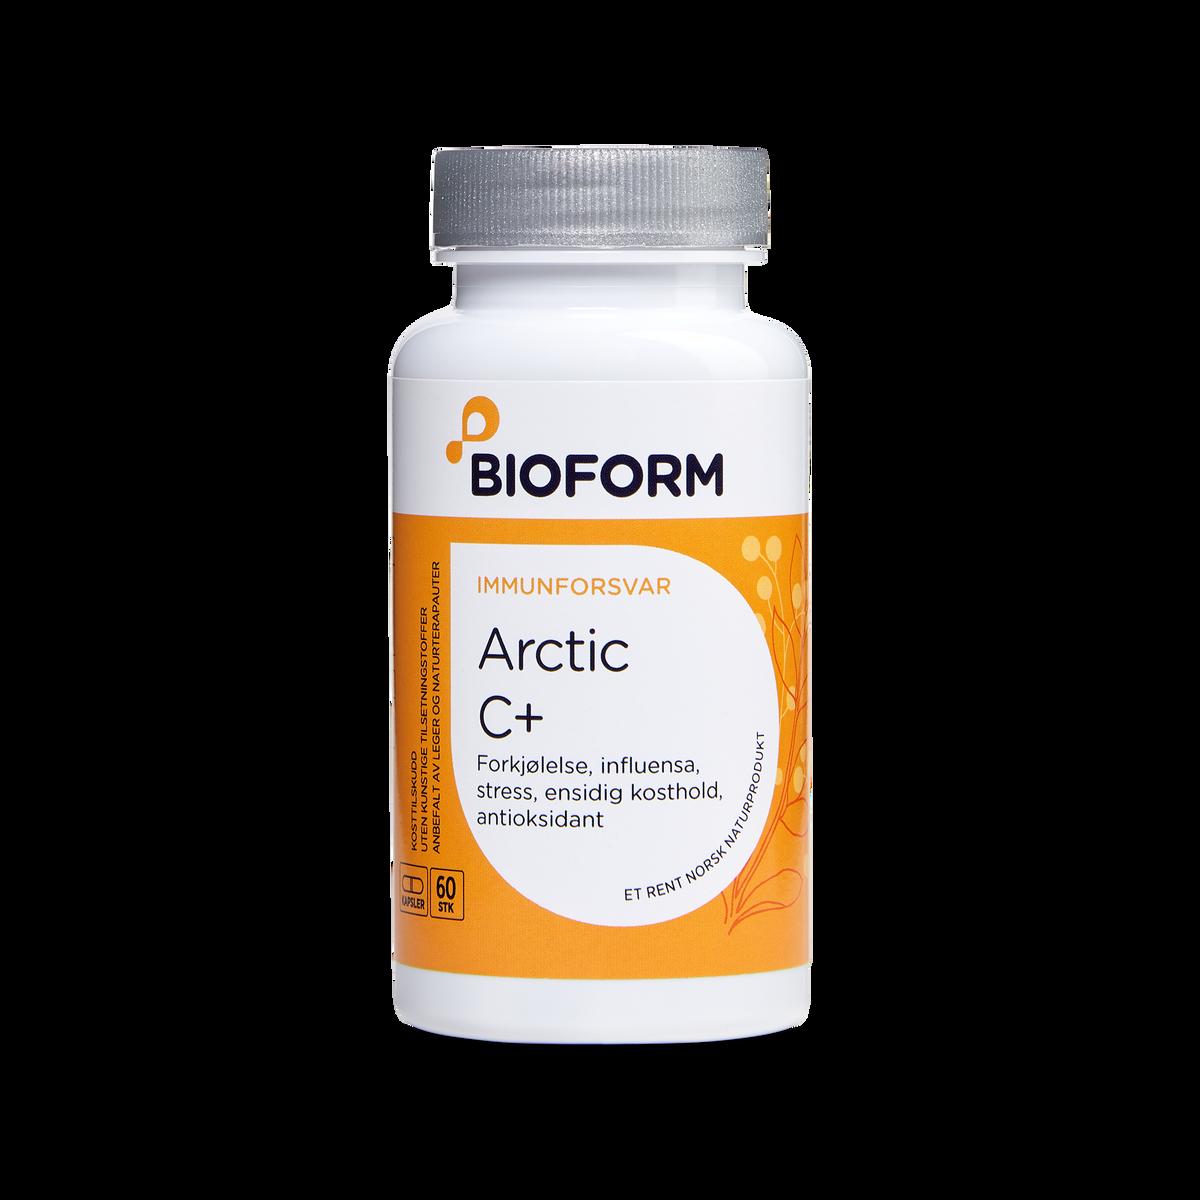 Arctic C+